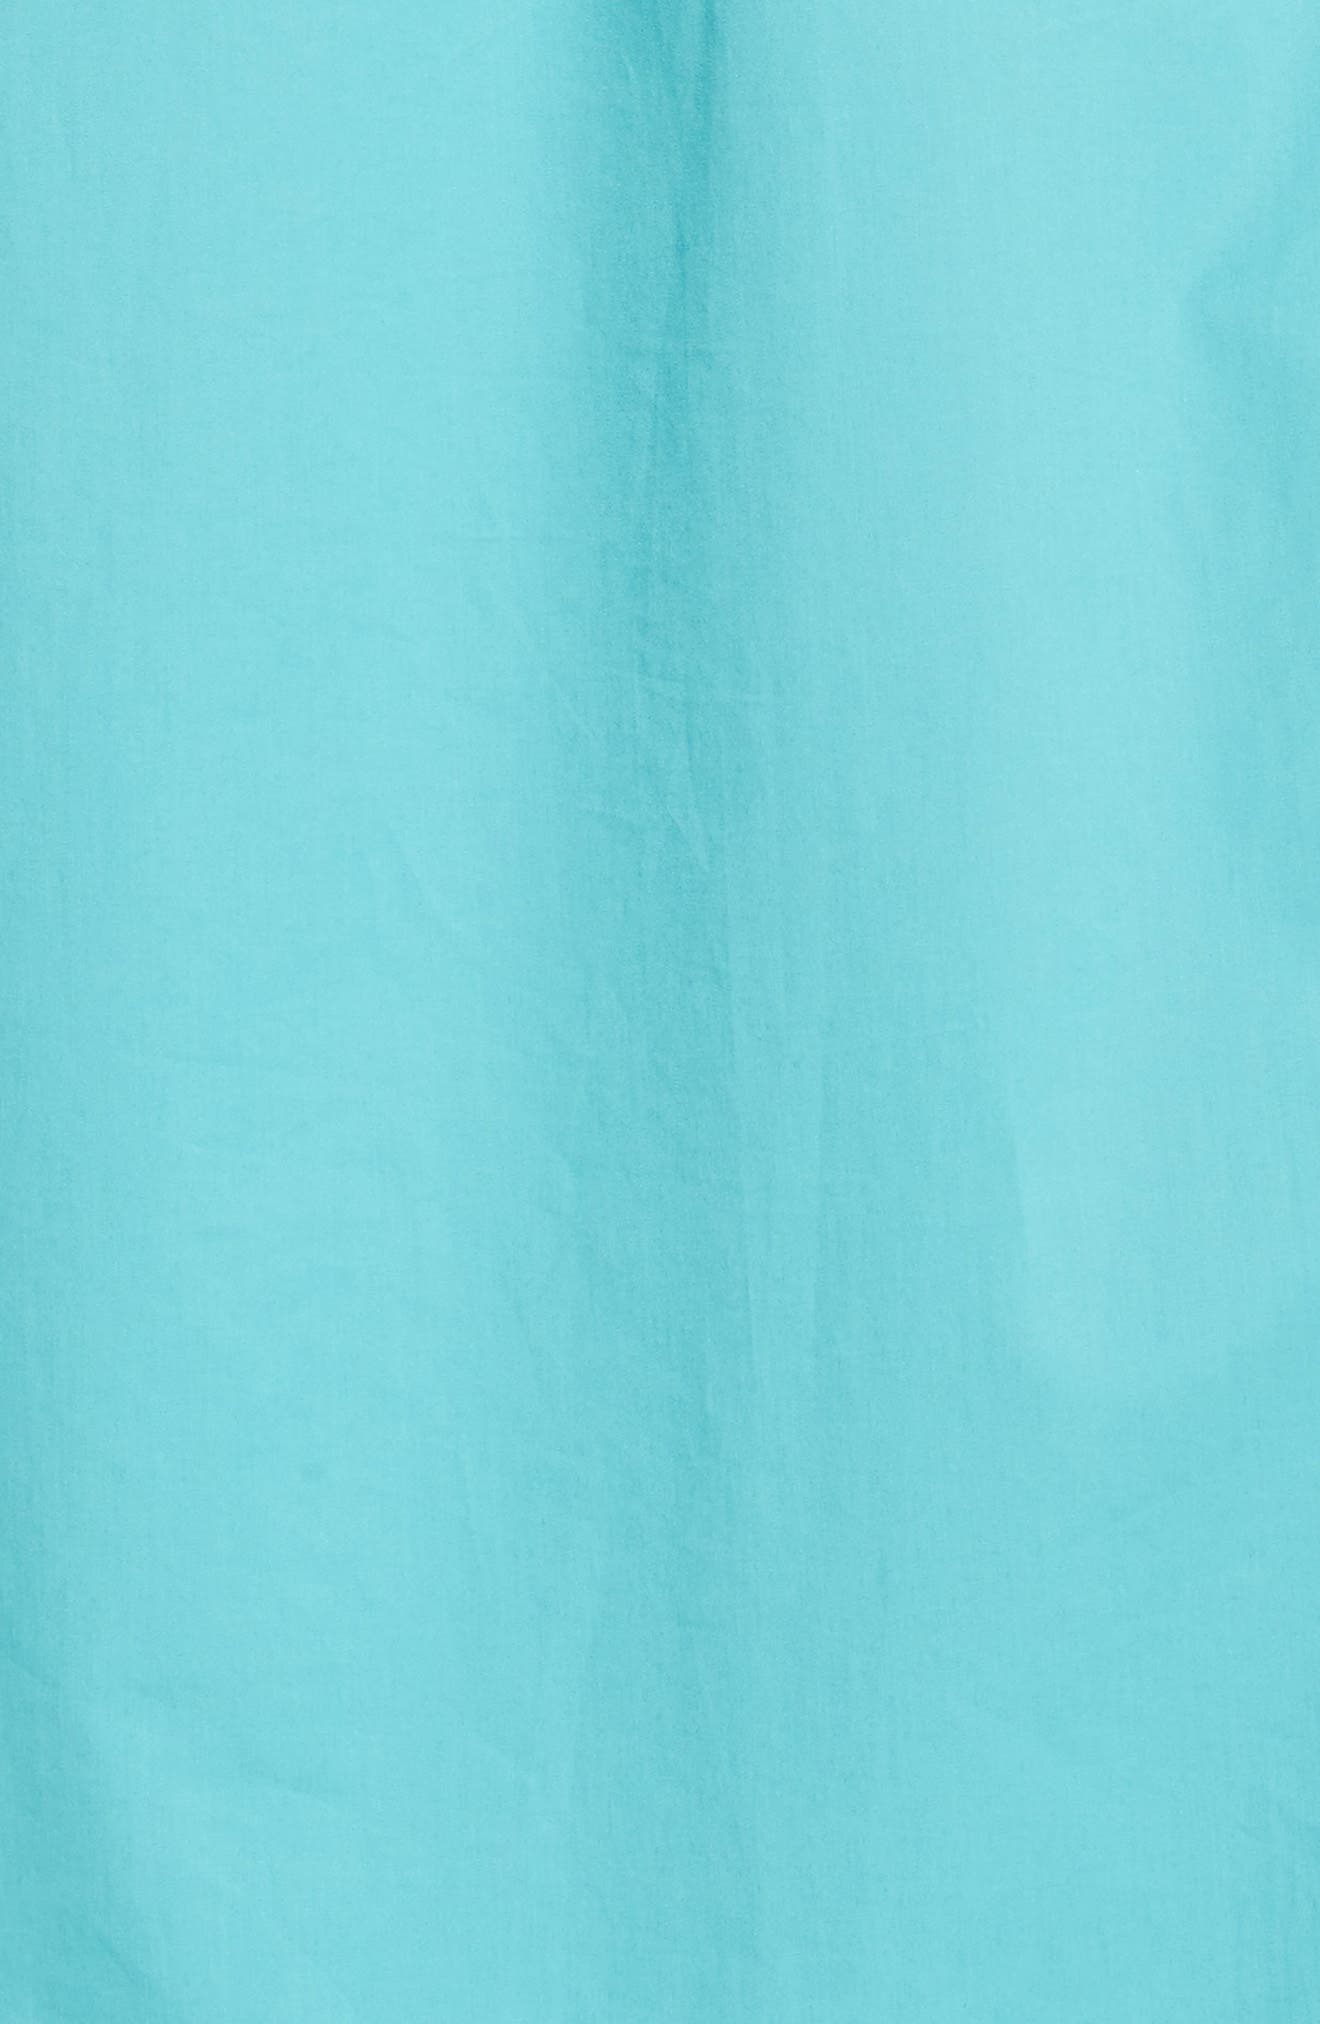 Cotton One-Shoulder Dress,                             Alternate thumbnail 6, color,